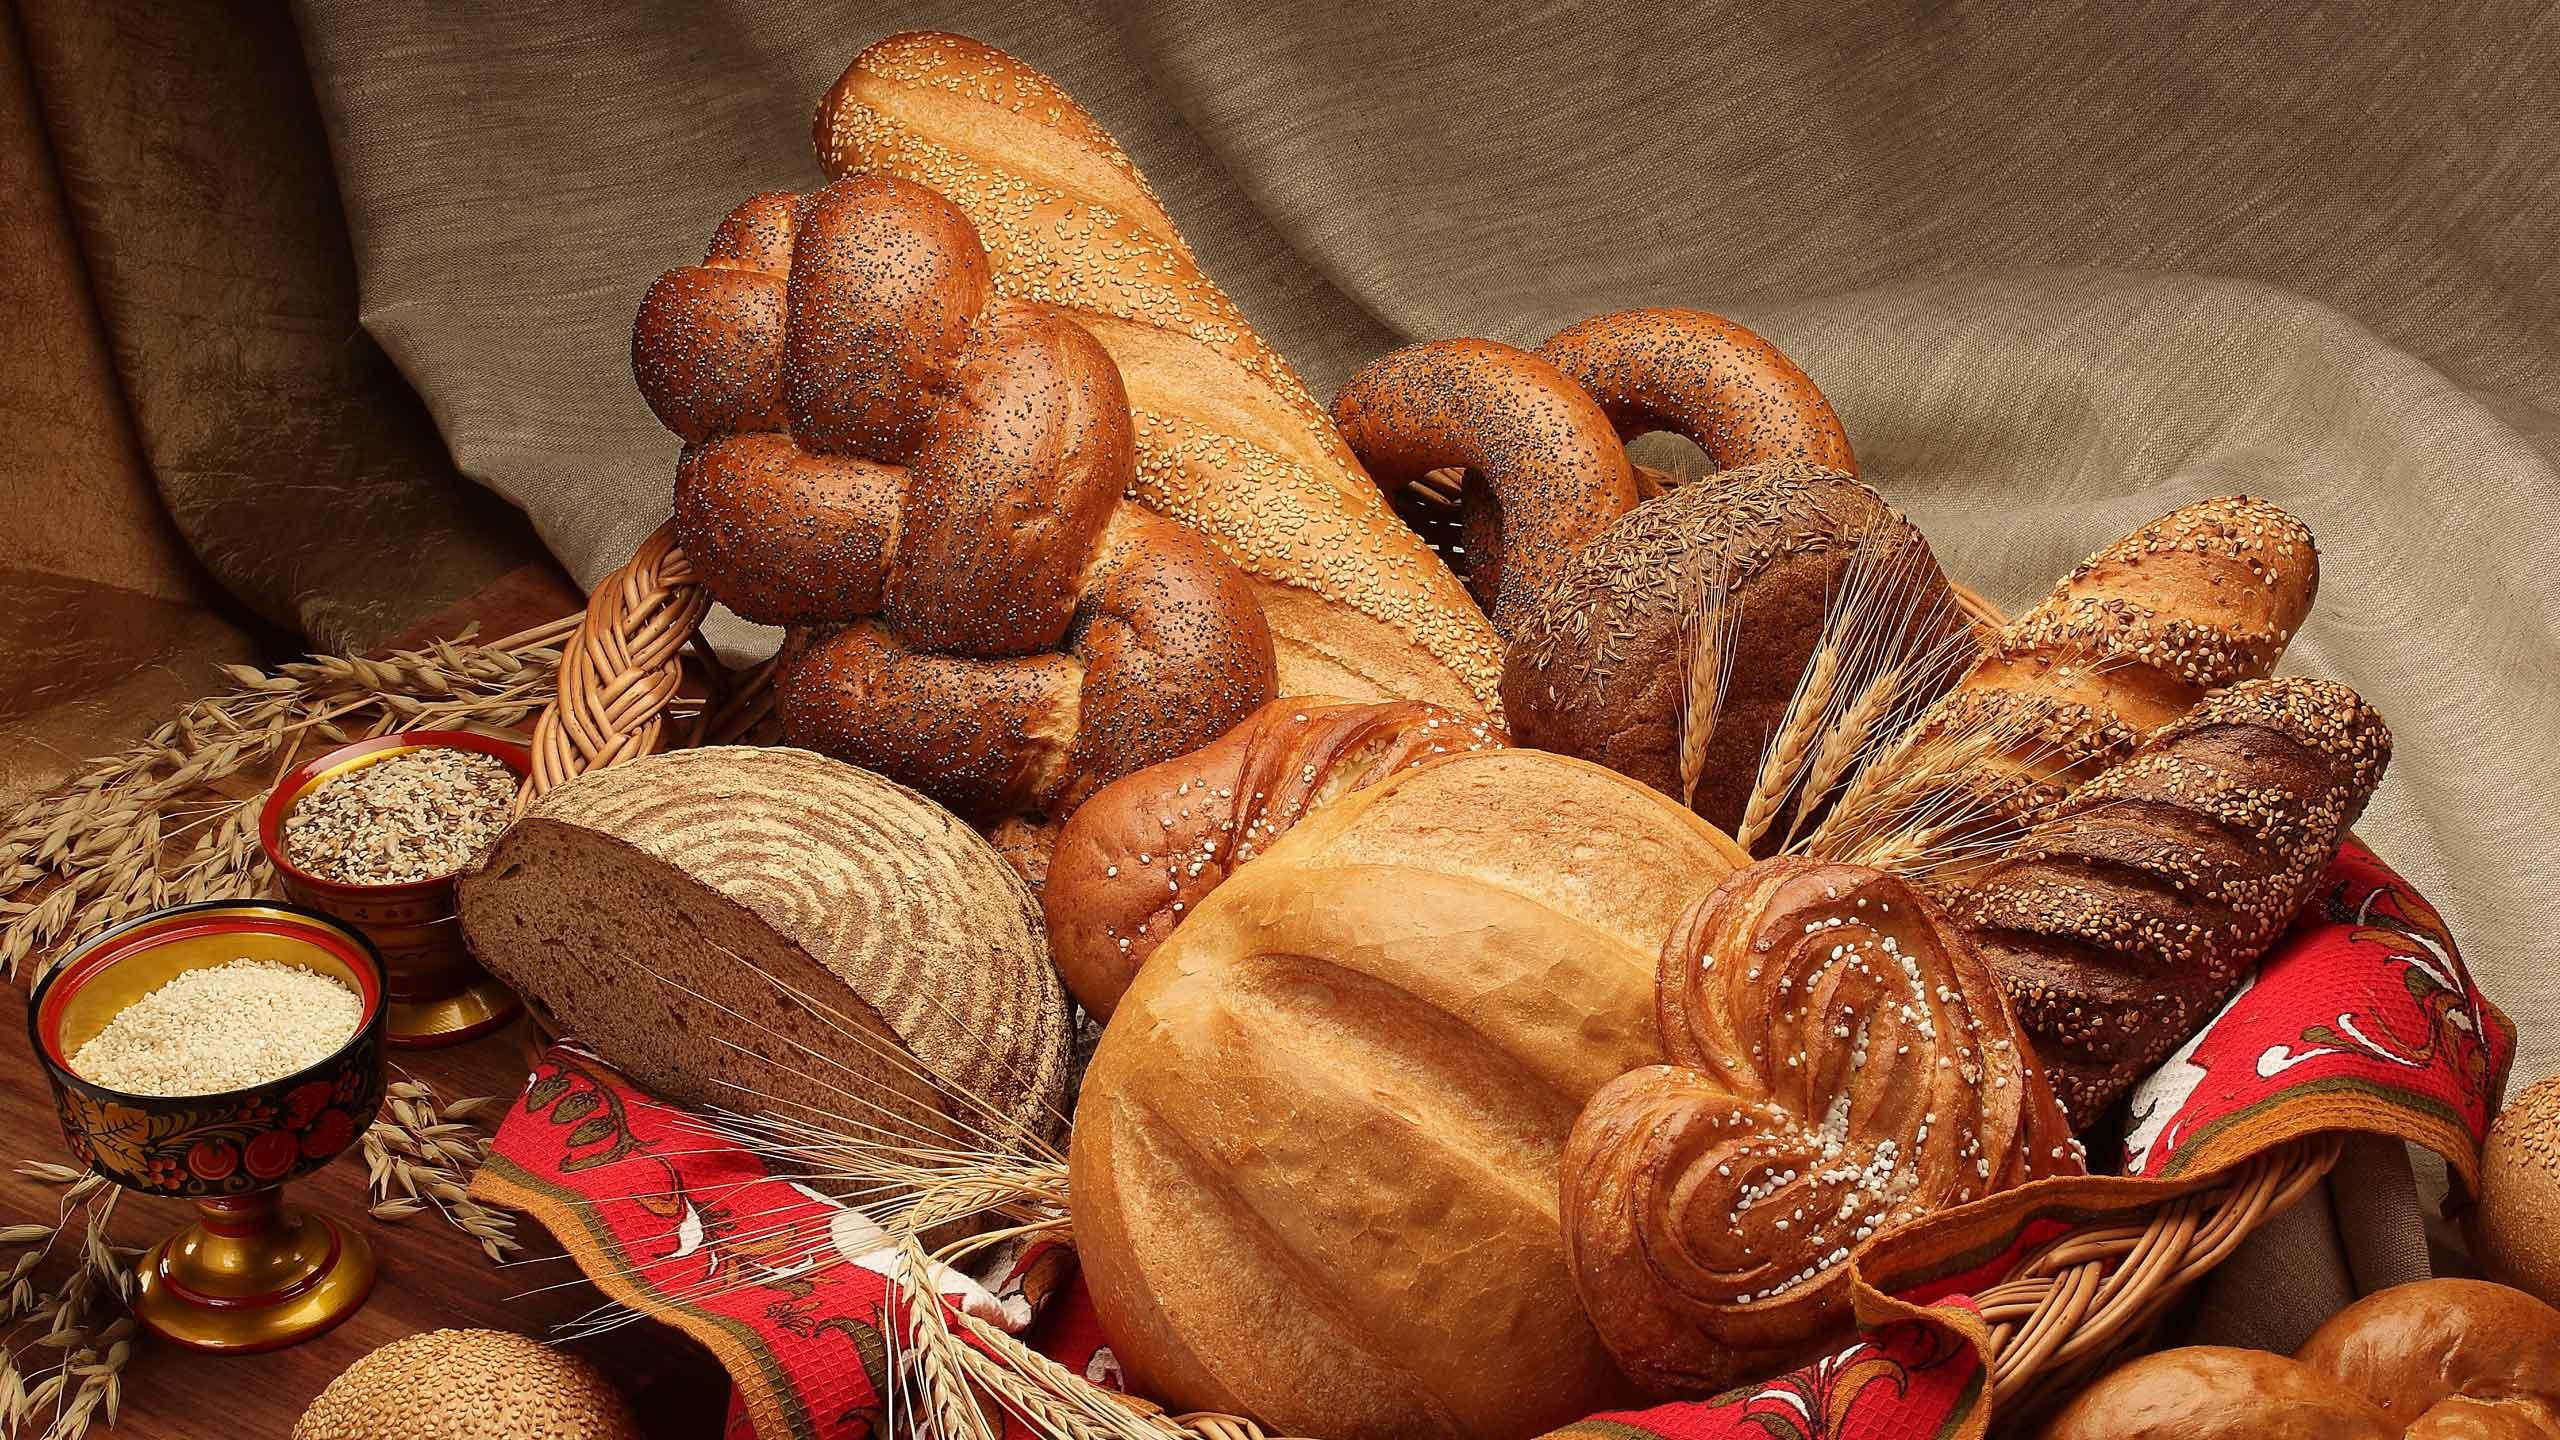 Картинка с хлебом, анимация